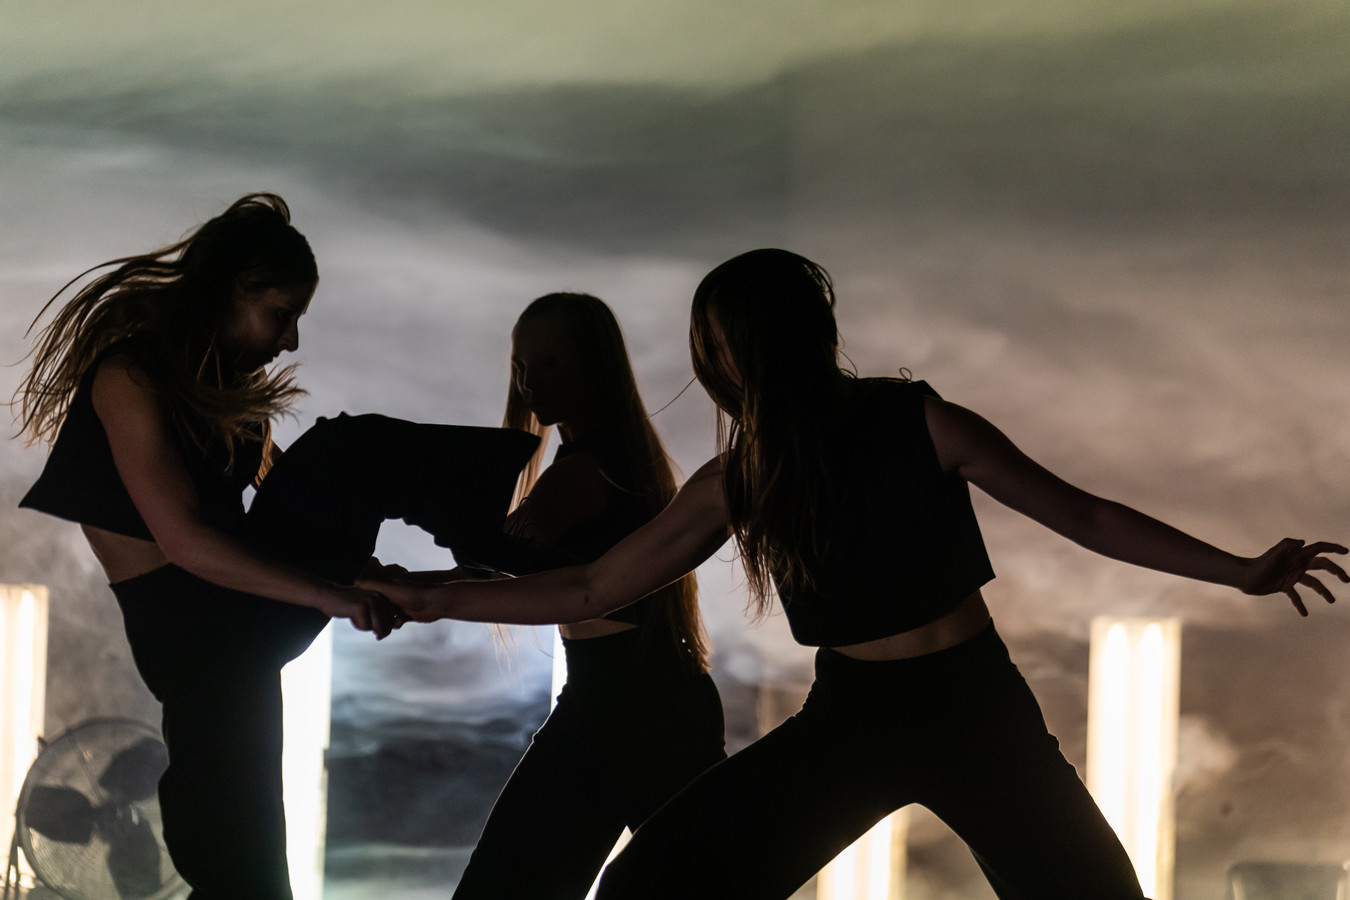 Scène uit 'NachtHexen II: La Parisienne' van Jens van Daele.